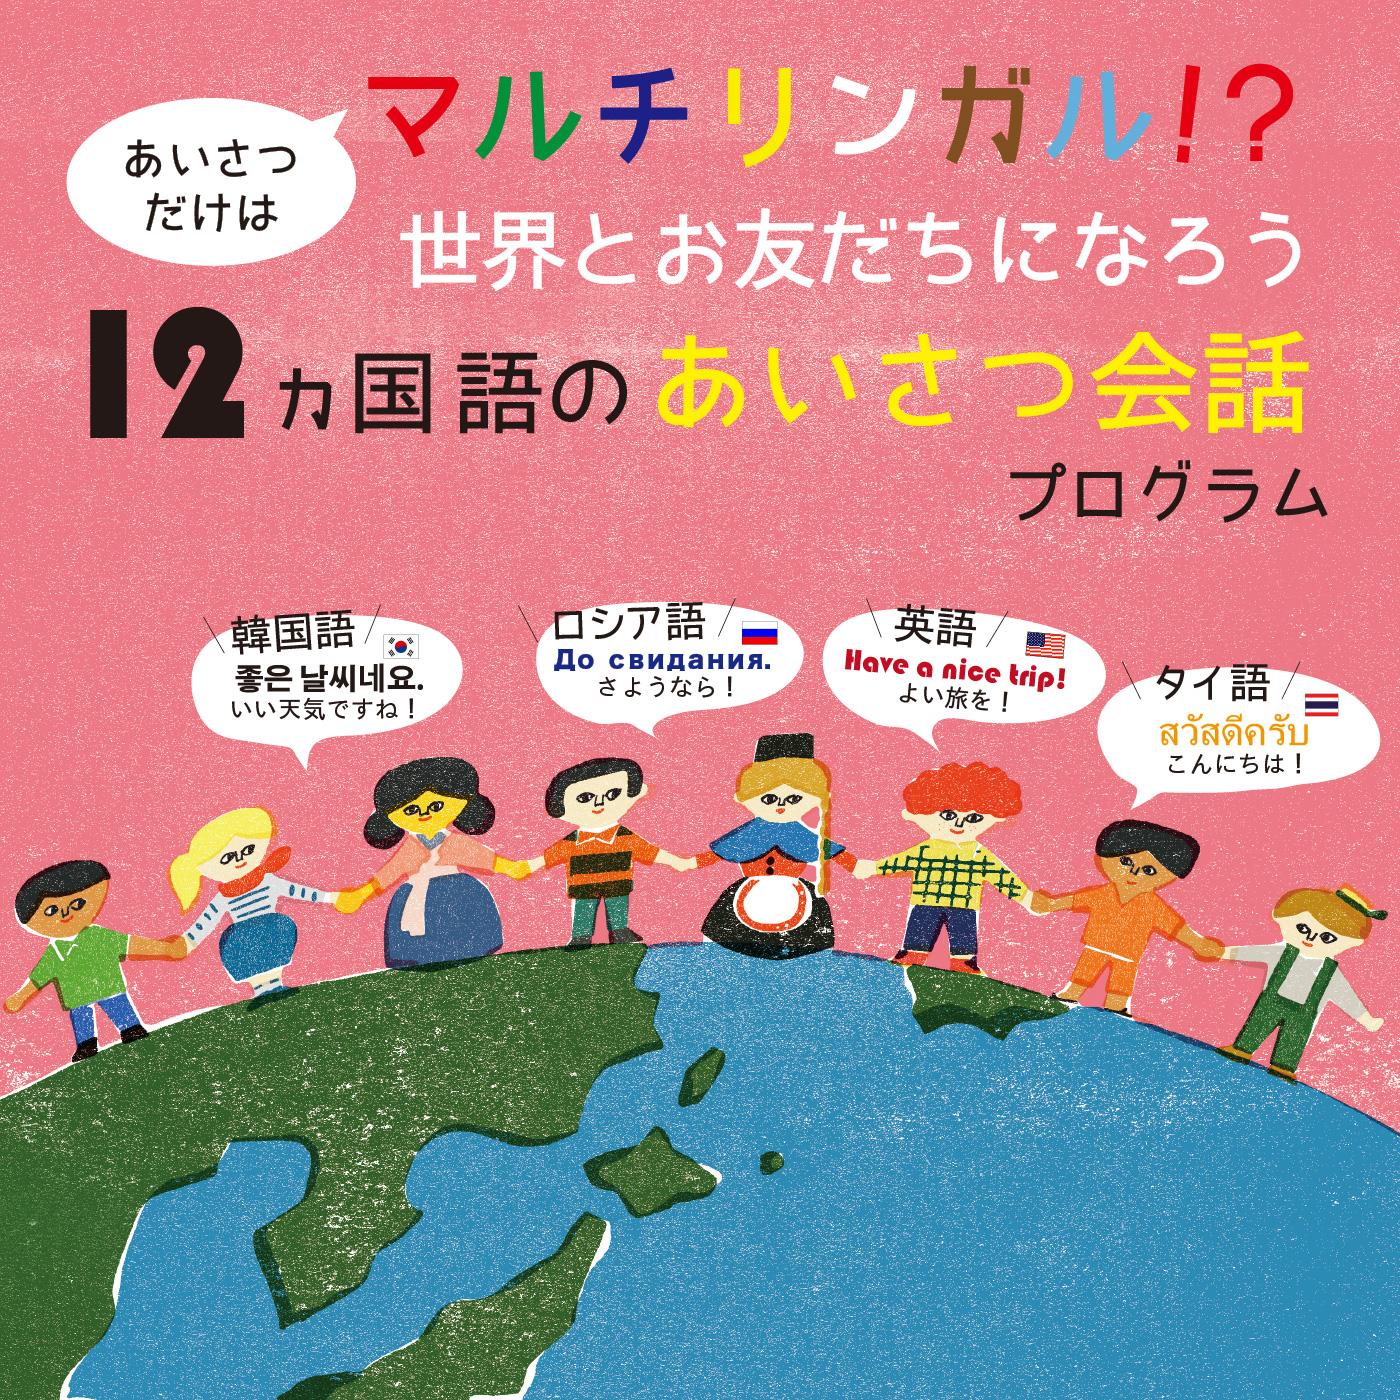 コミュニケーションのきっかけとなる言語・文化を学び「一期一会」の出会いをハッピーにする力を身につけてみませんか?